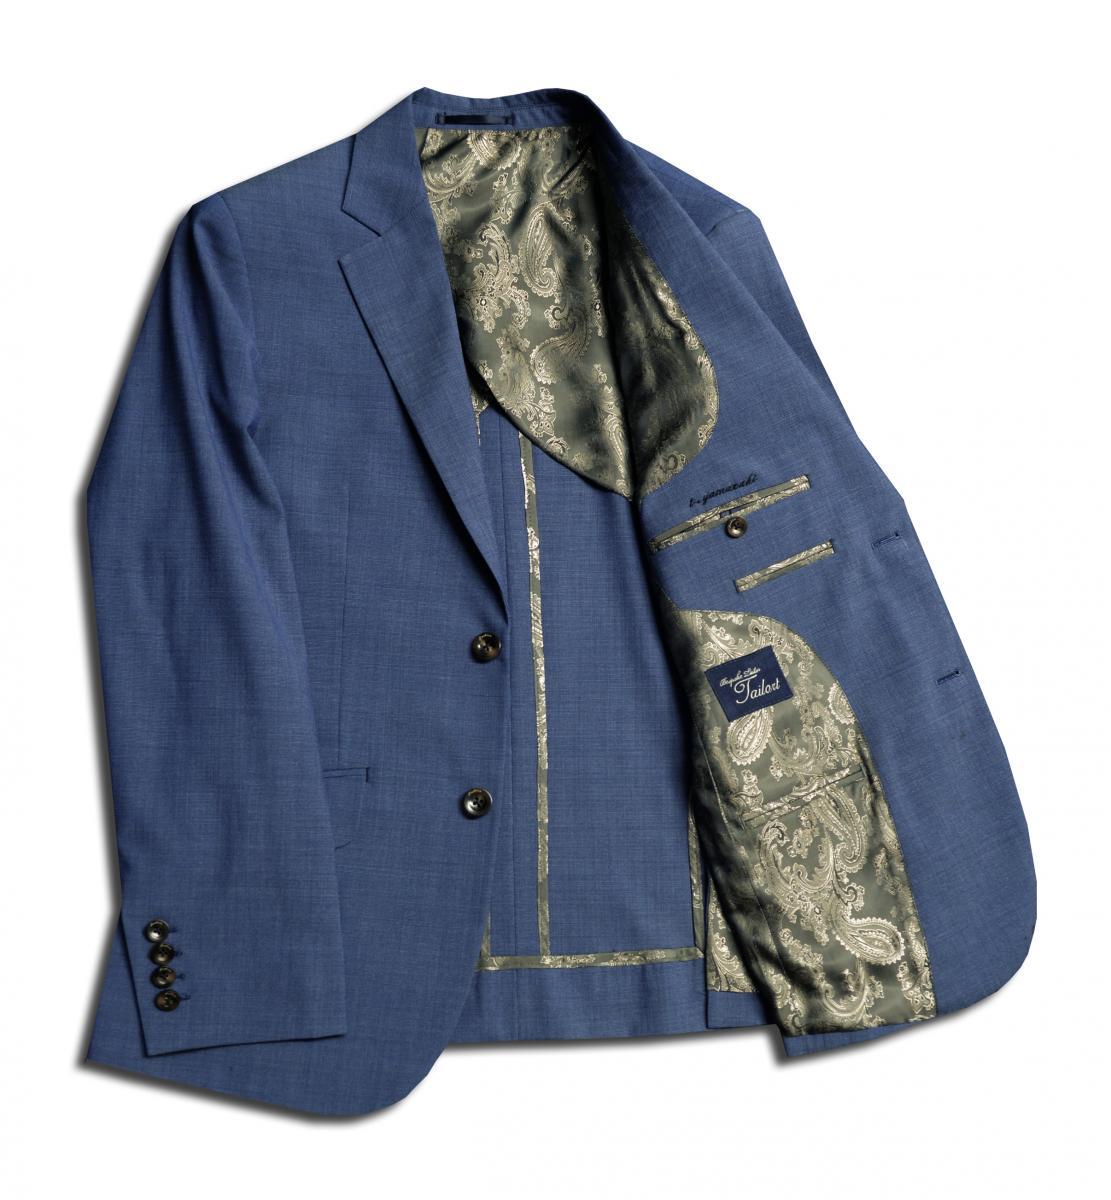 [オーダーレディーススーツ スカートセット]アクティブに働くビジネスマンの強い味方!防シワ素材